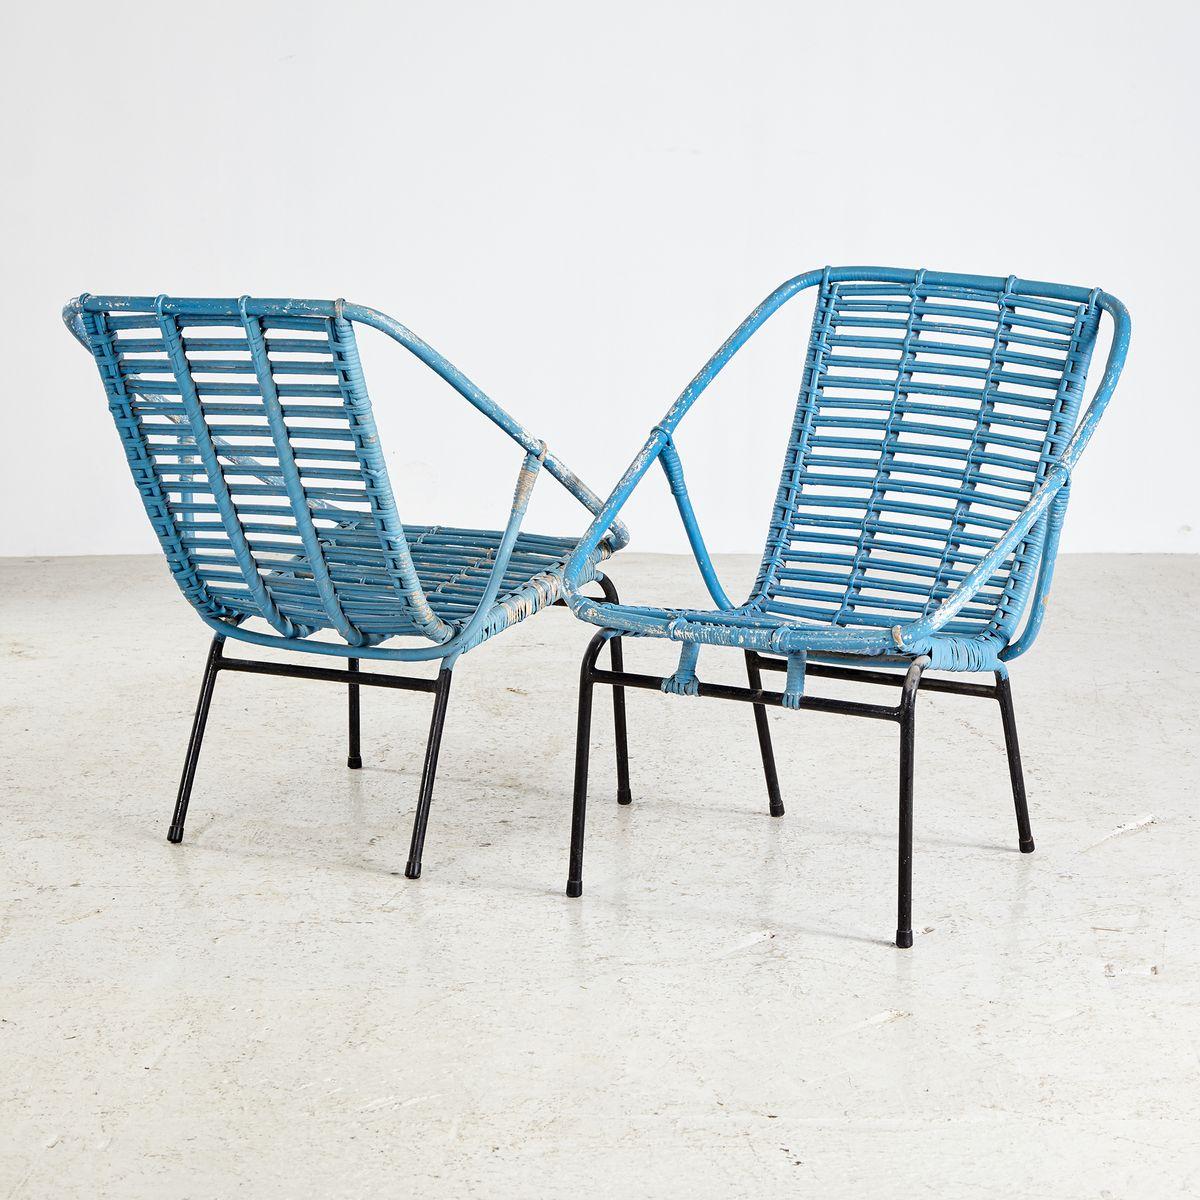 chaise de jardin en osier peint en bleu 1970s en vente sur pamono. Black Bedroom Furniture Sets. Home Design Ideas